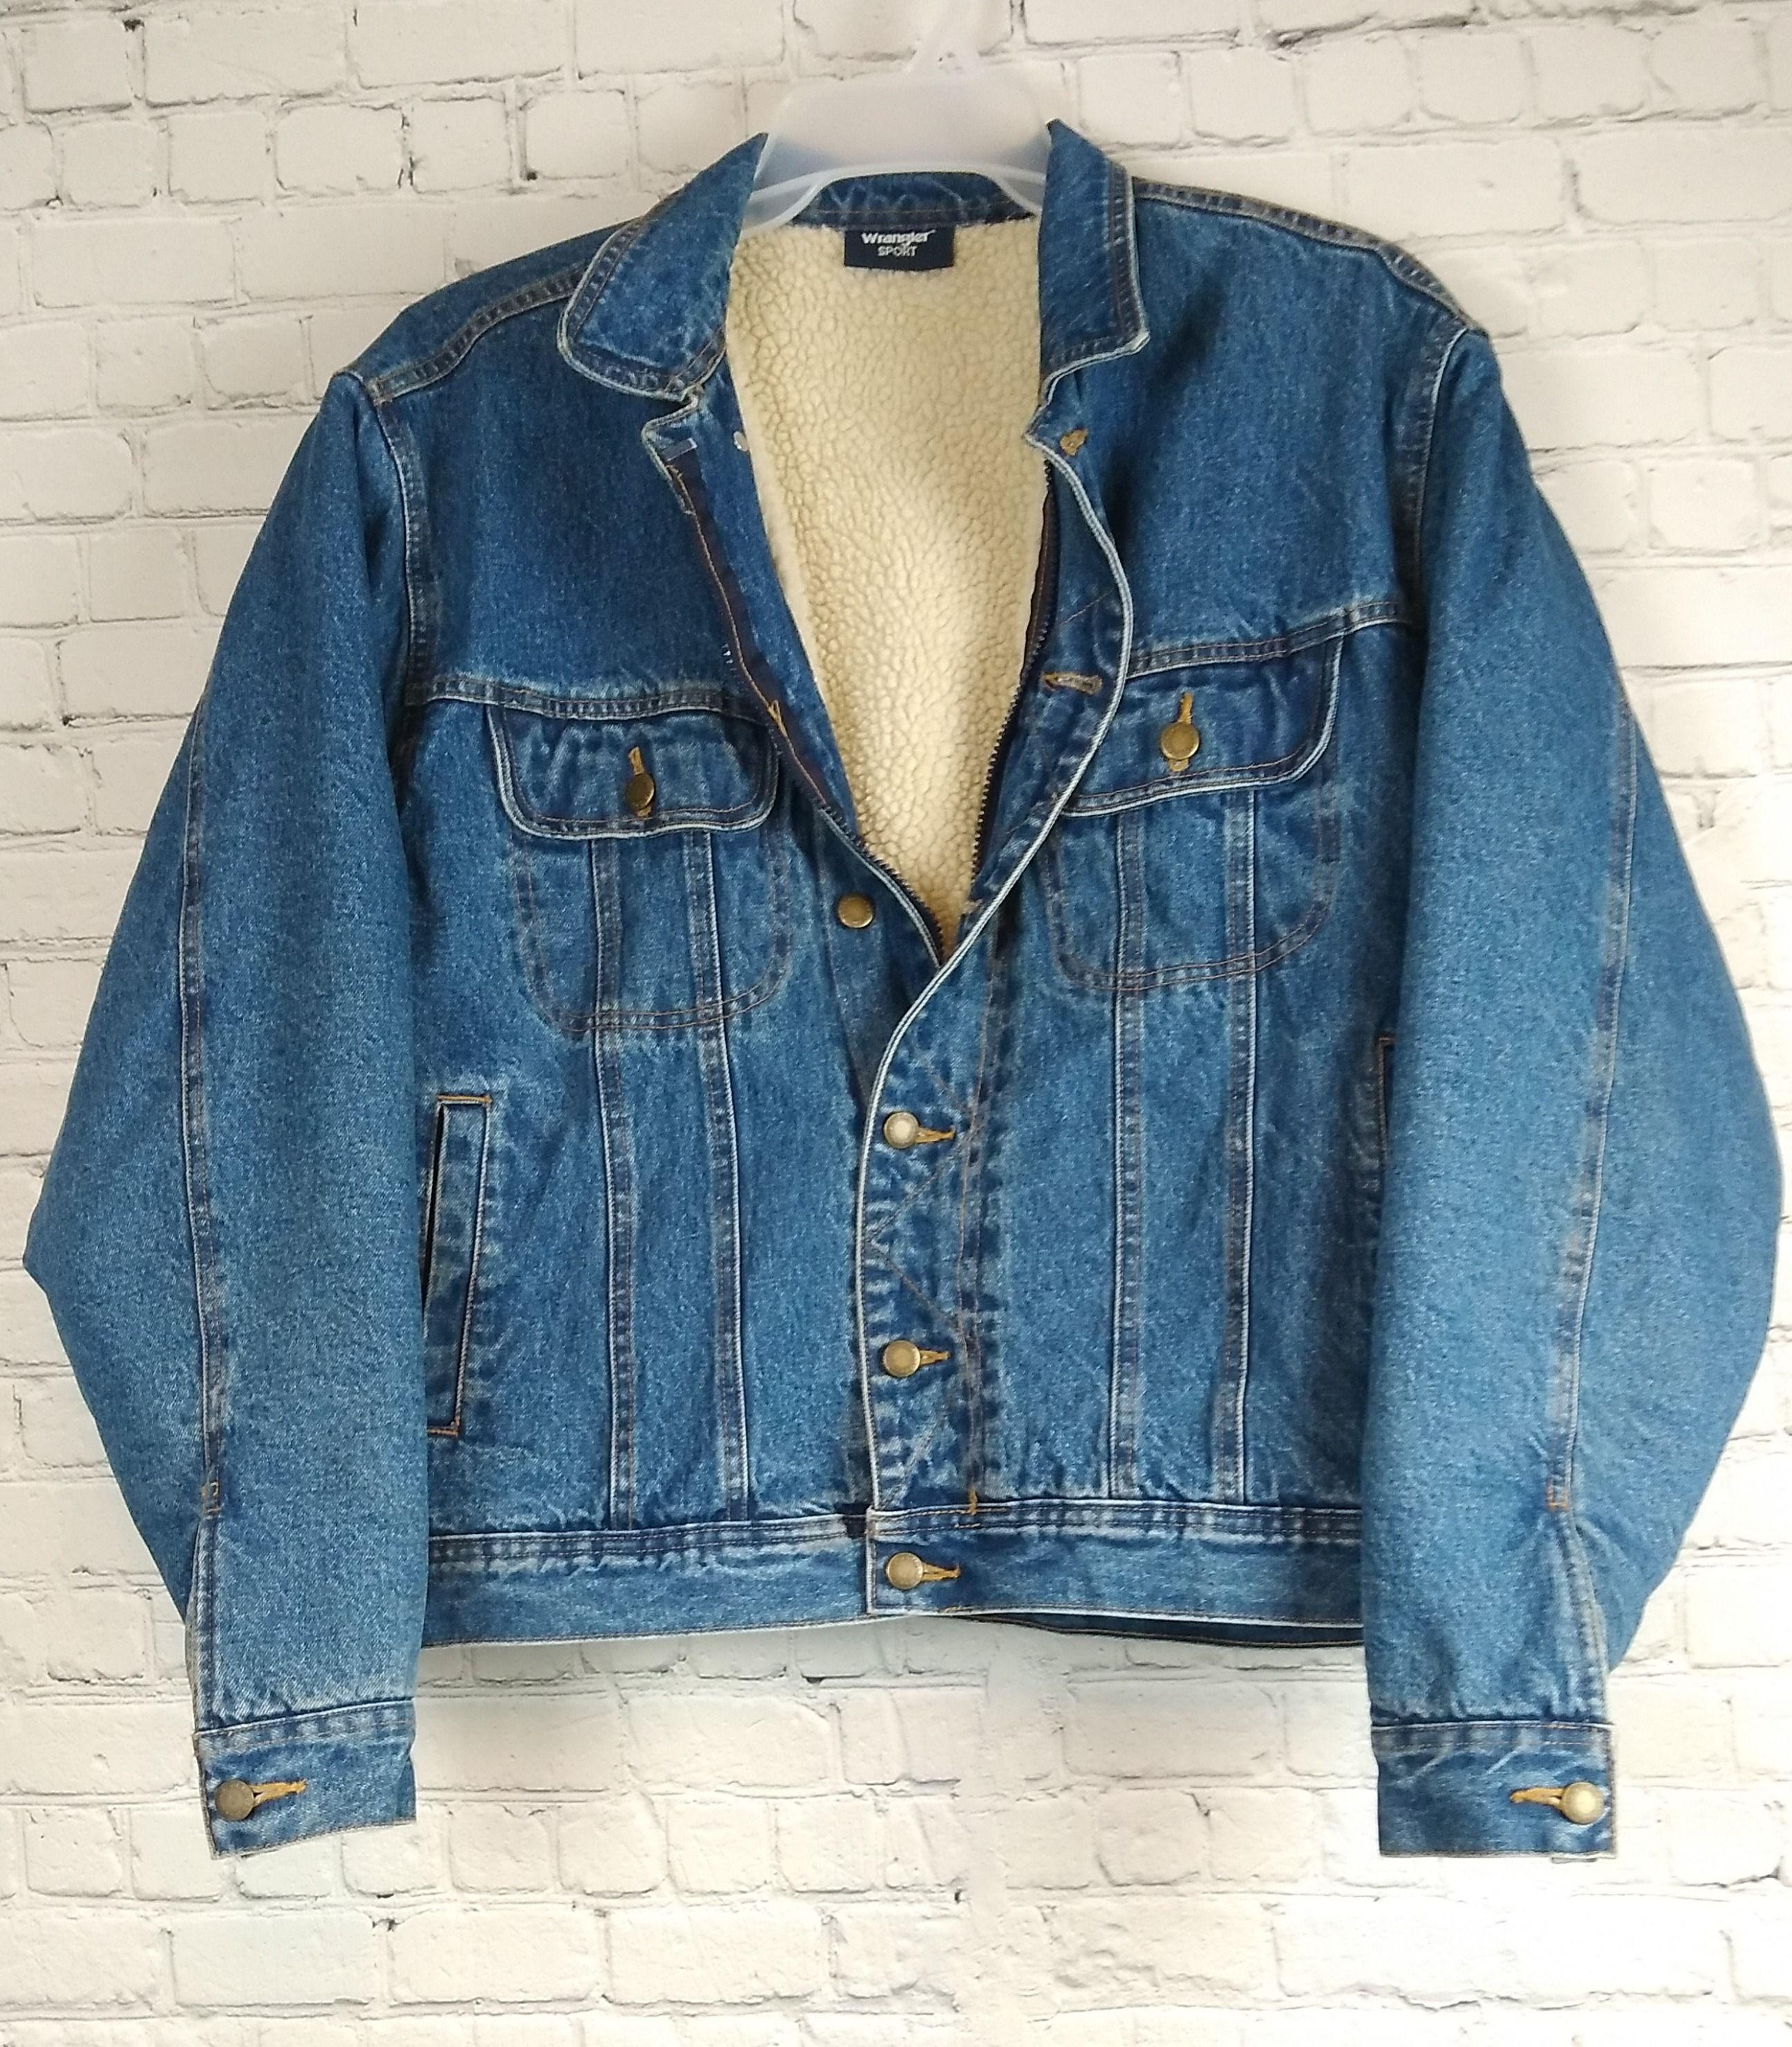 Vintage 1990 S Wrangler Sport Sherpa Lined Denim Jacket Men S Sherpa Lined Denim Jacket Denim Jacket Lined Denim Jacket [ 2961 x 2592 Pixel ]